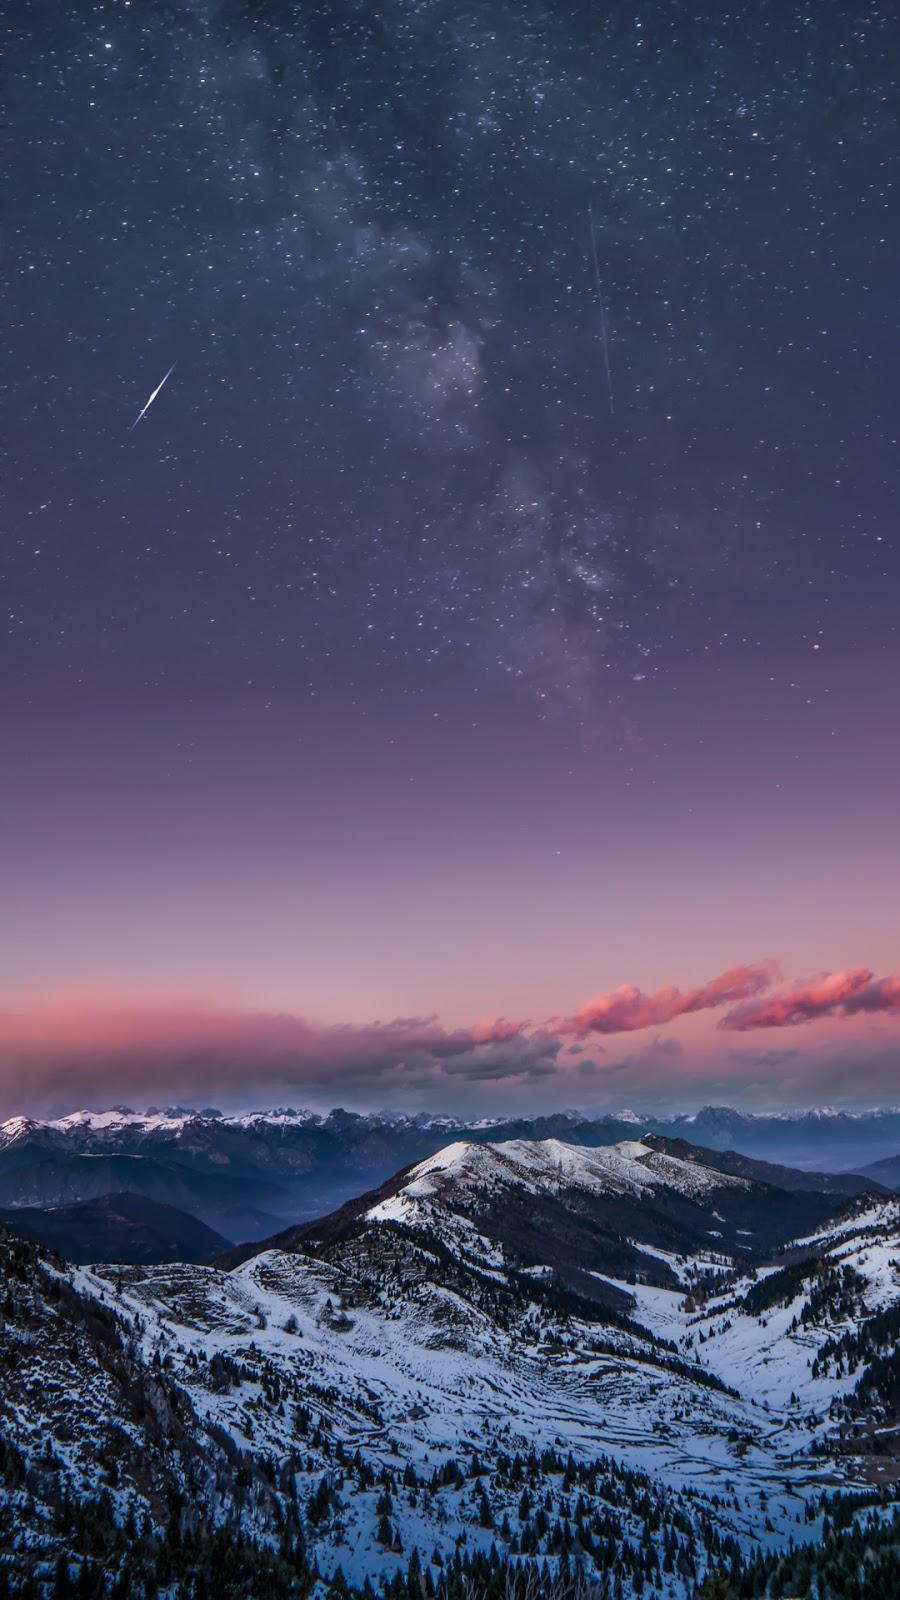 Núi tuyết giữa bầu trời đêm đầy sao tuyệt đẹp